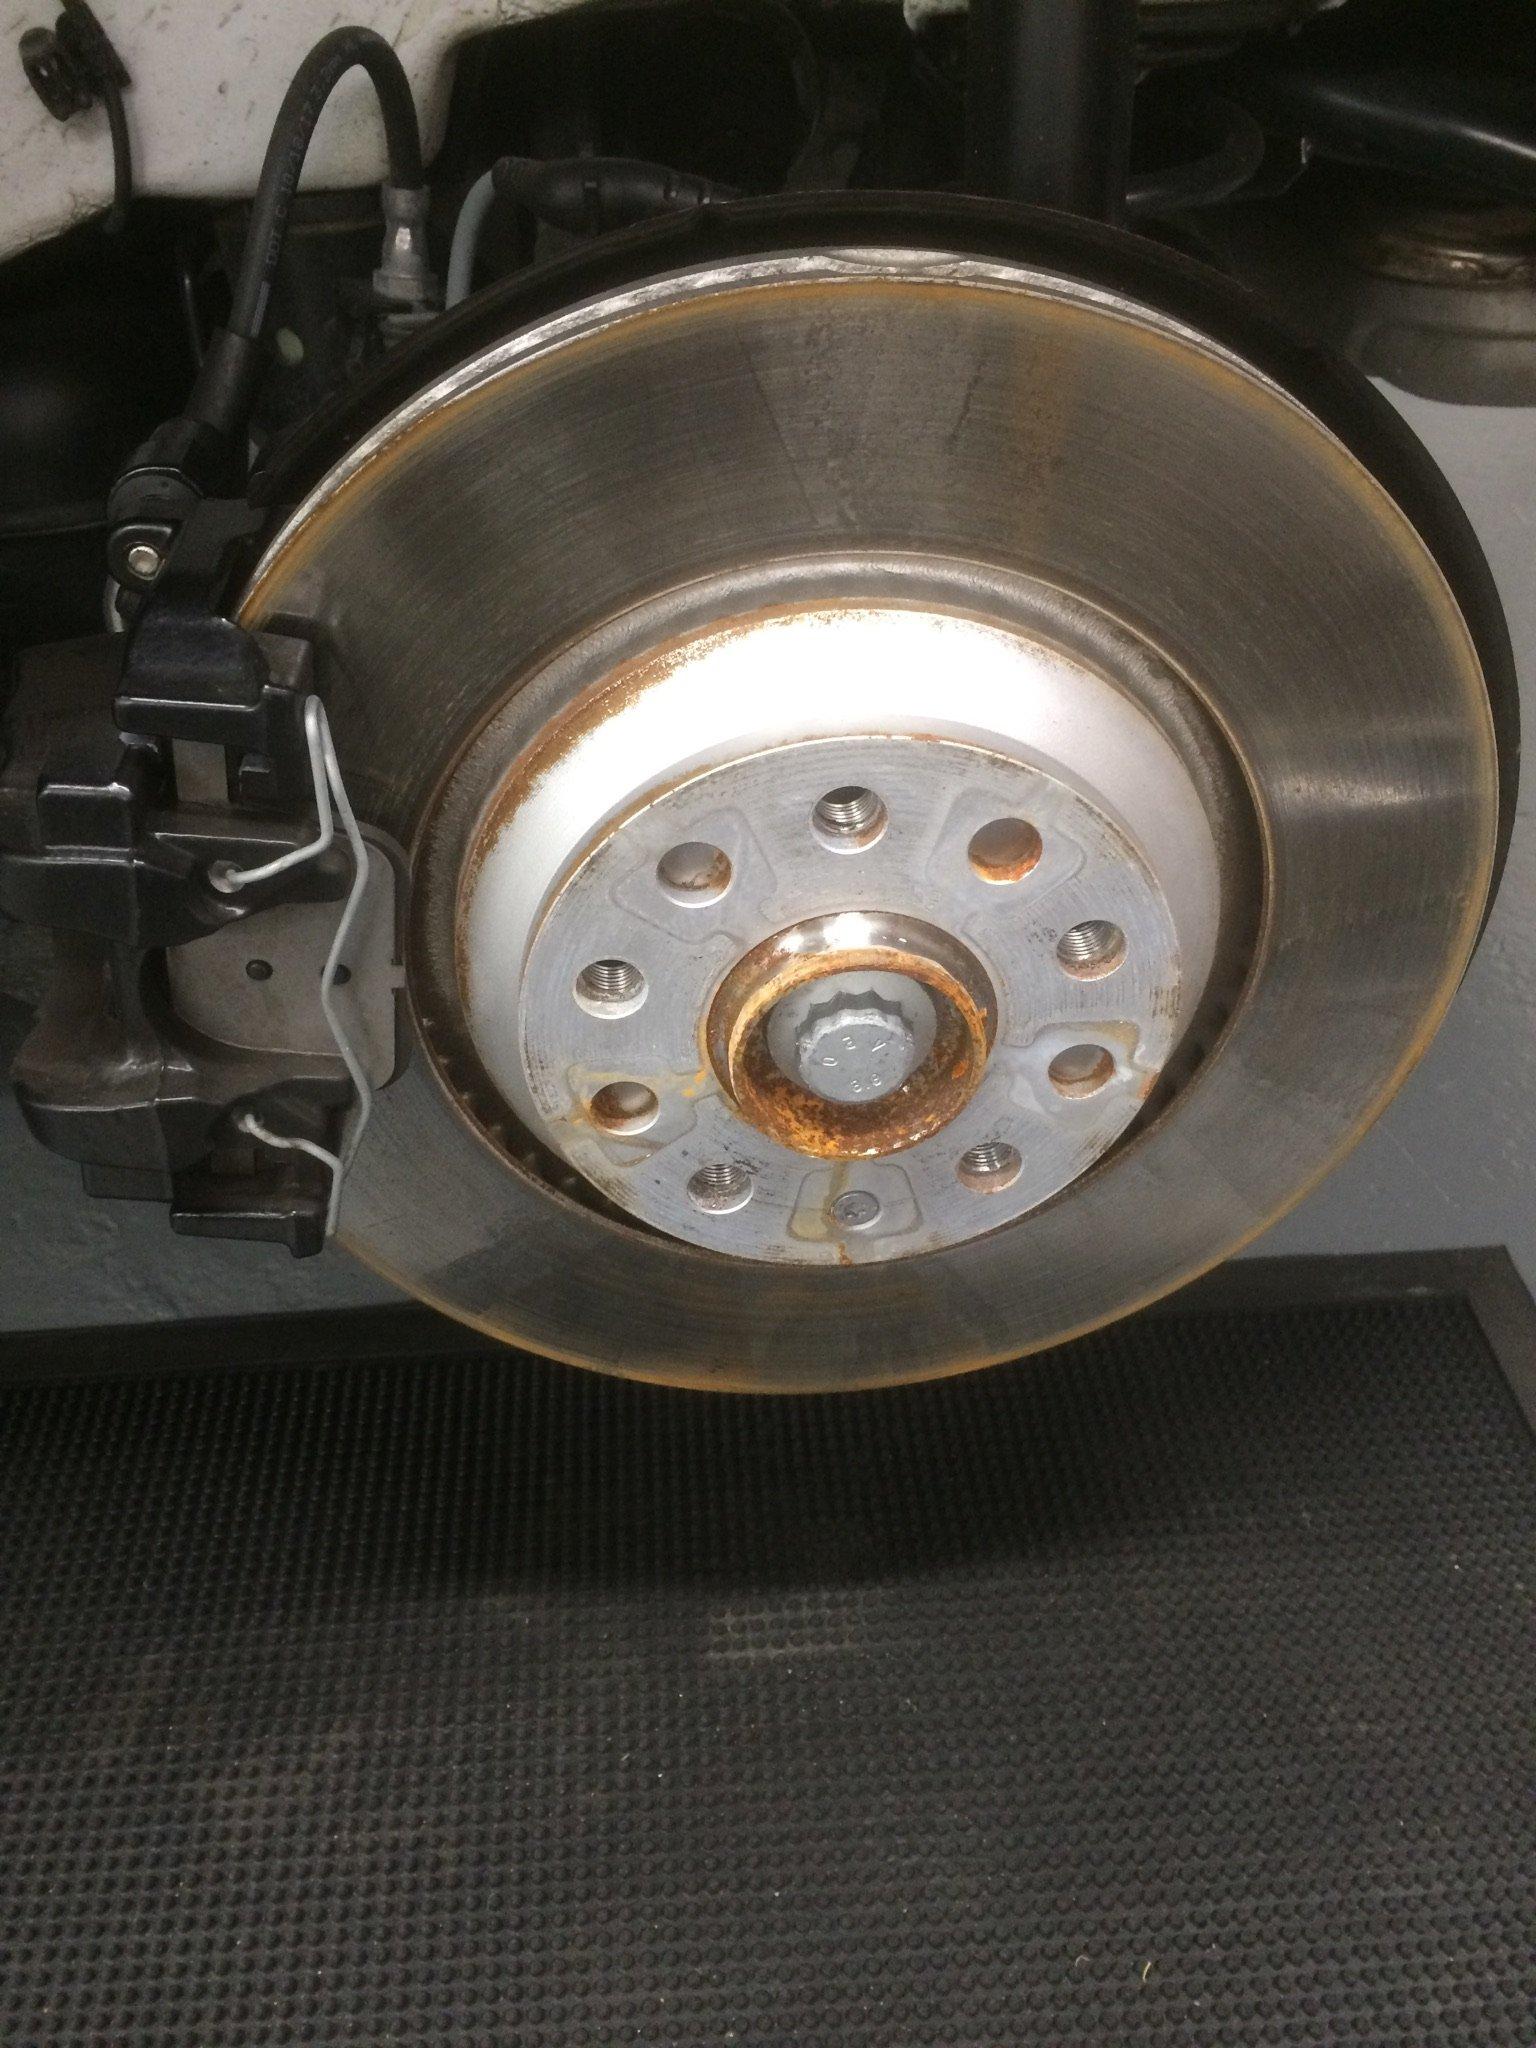 Rust in Wheel Hubs - VW Golf R MK7 Chat - VWROC - VW R